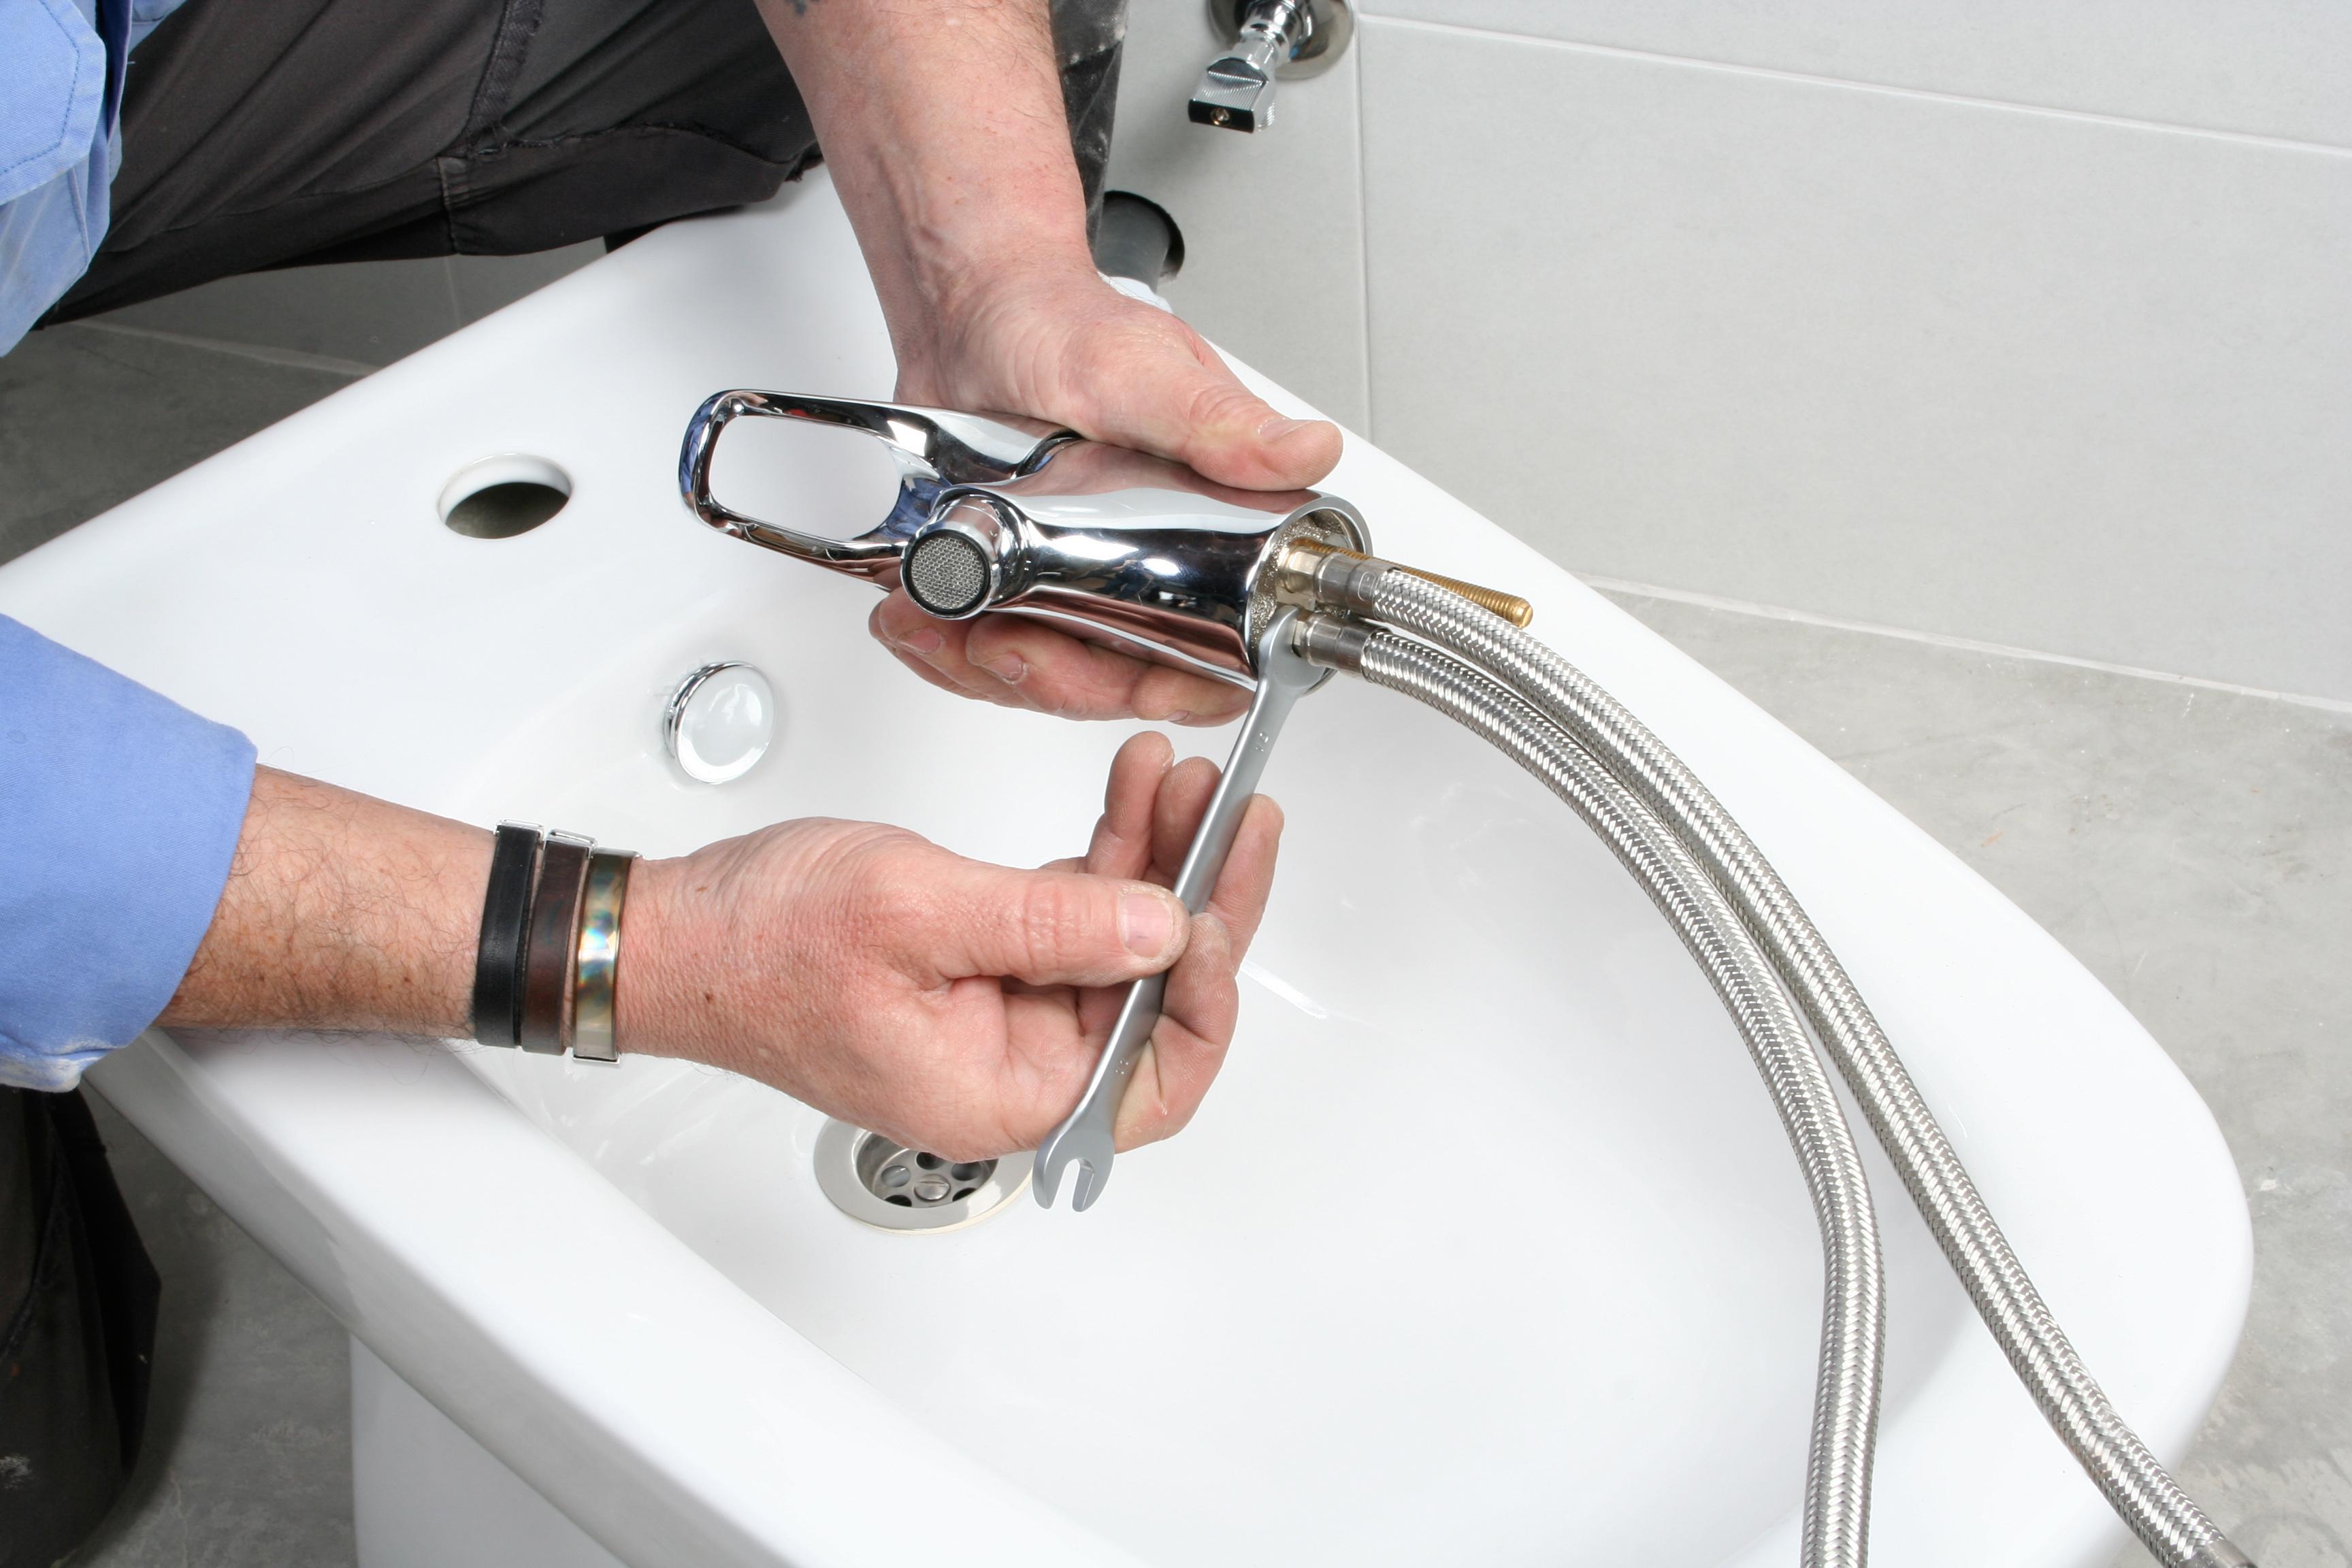 Plumber installing faucet on bidet in bathroom